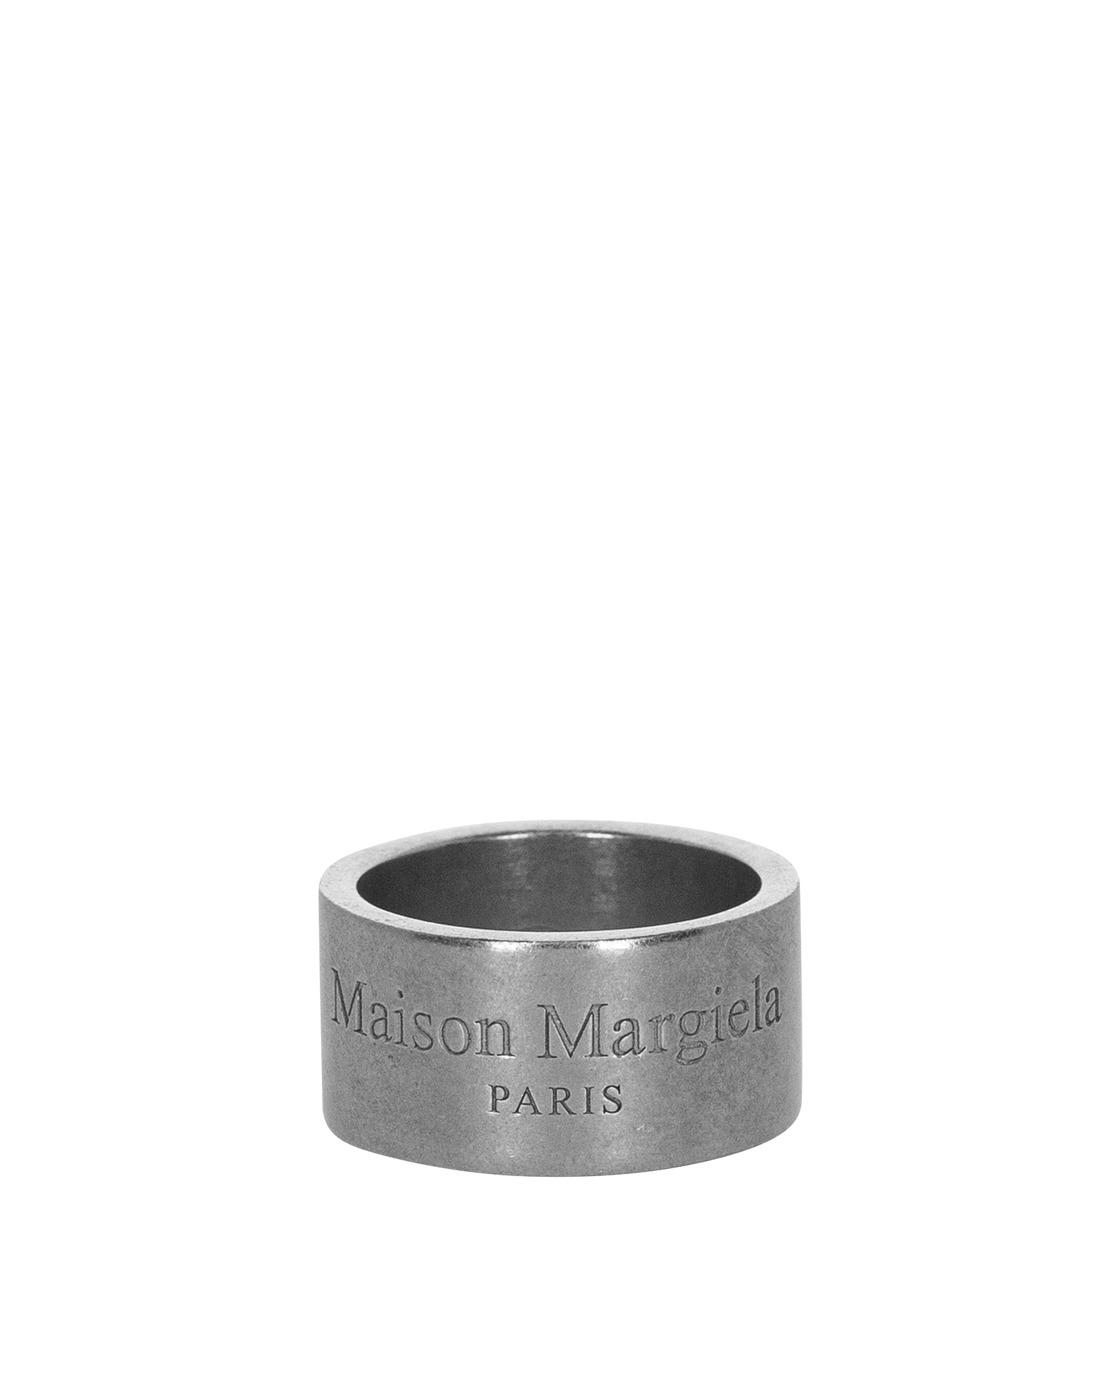 Photo: Maison Margiela Logo Wide Ring Palladio Semi Polished